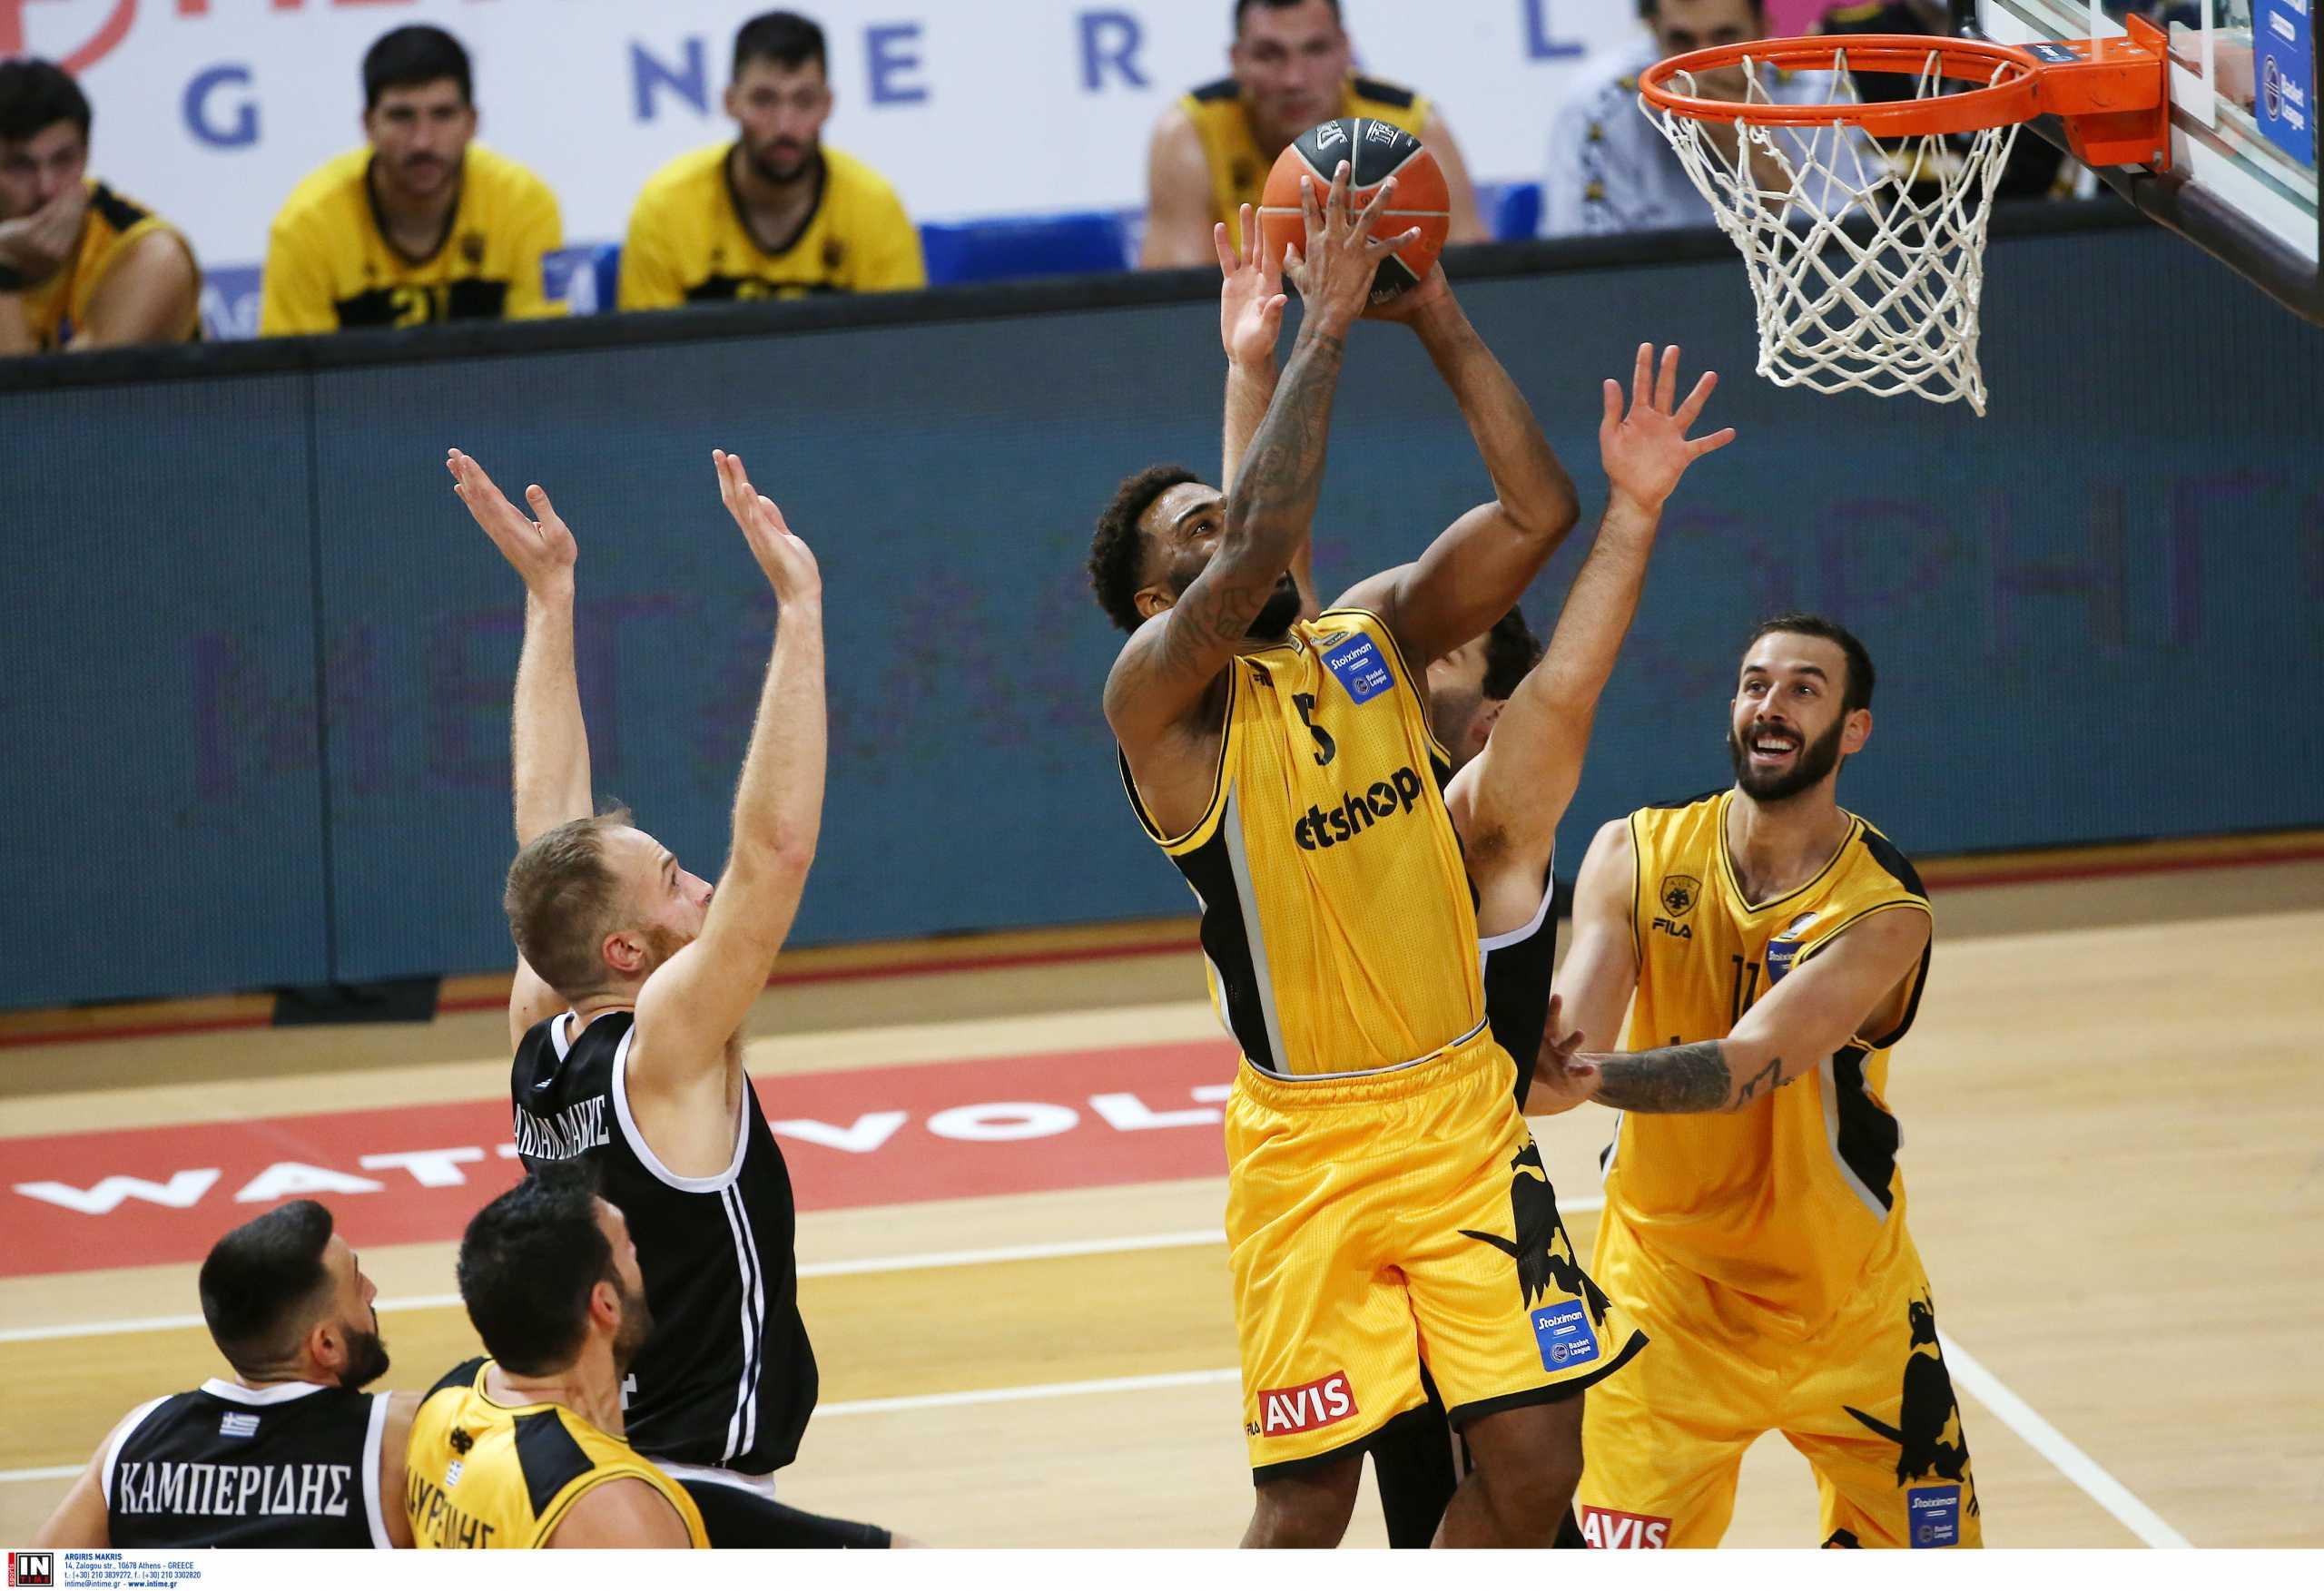 """Basket League: Στην ΑΕΚ το ντέρμπι των """"Δικεφάλων""""! Ο Άρης """"σκότωσε"""" τον Προμηθέα (videos)"""